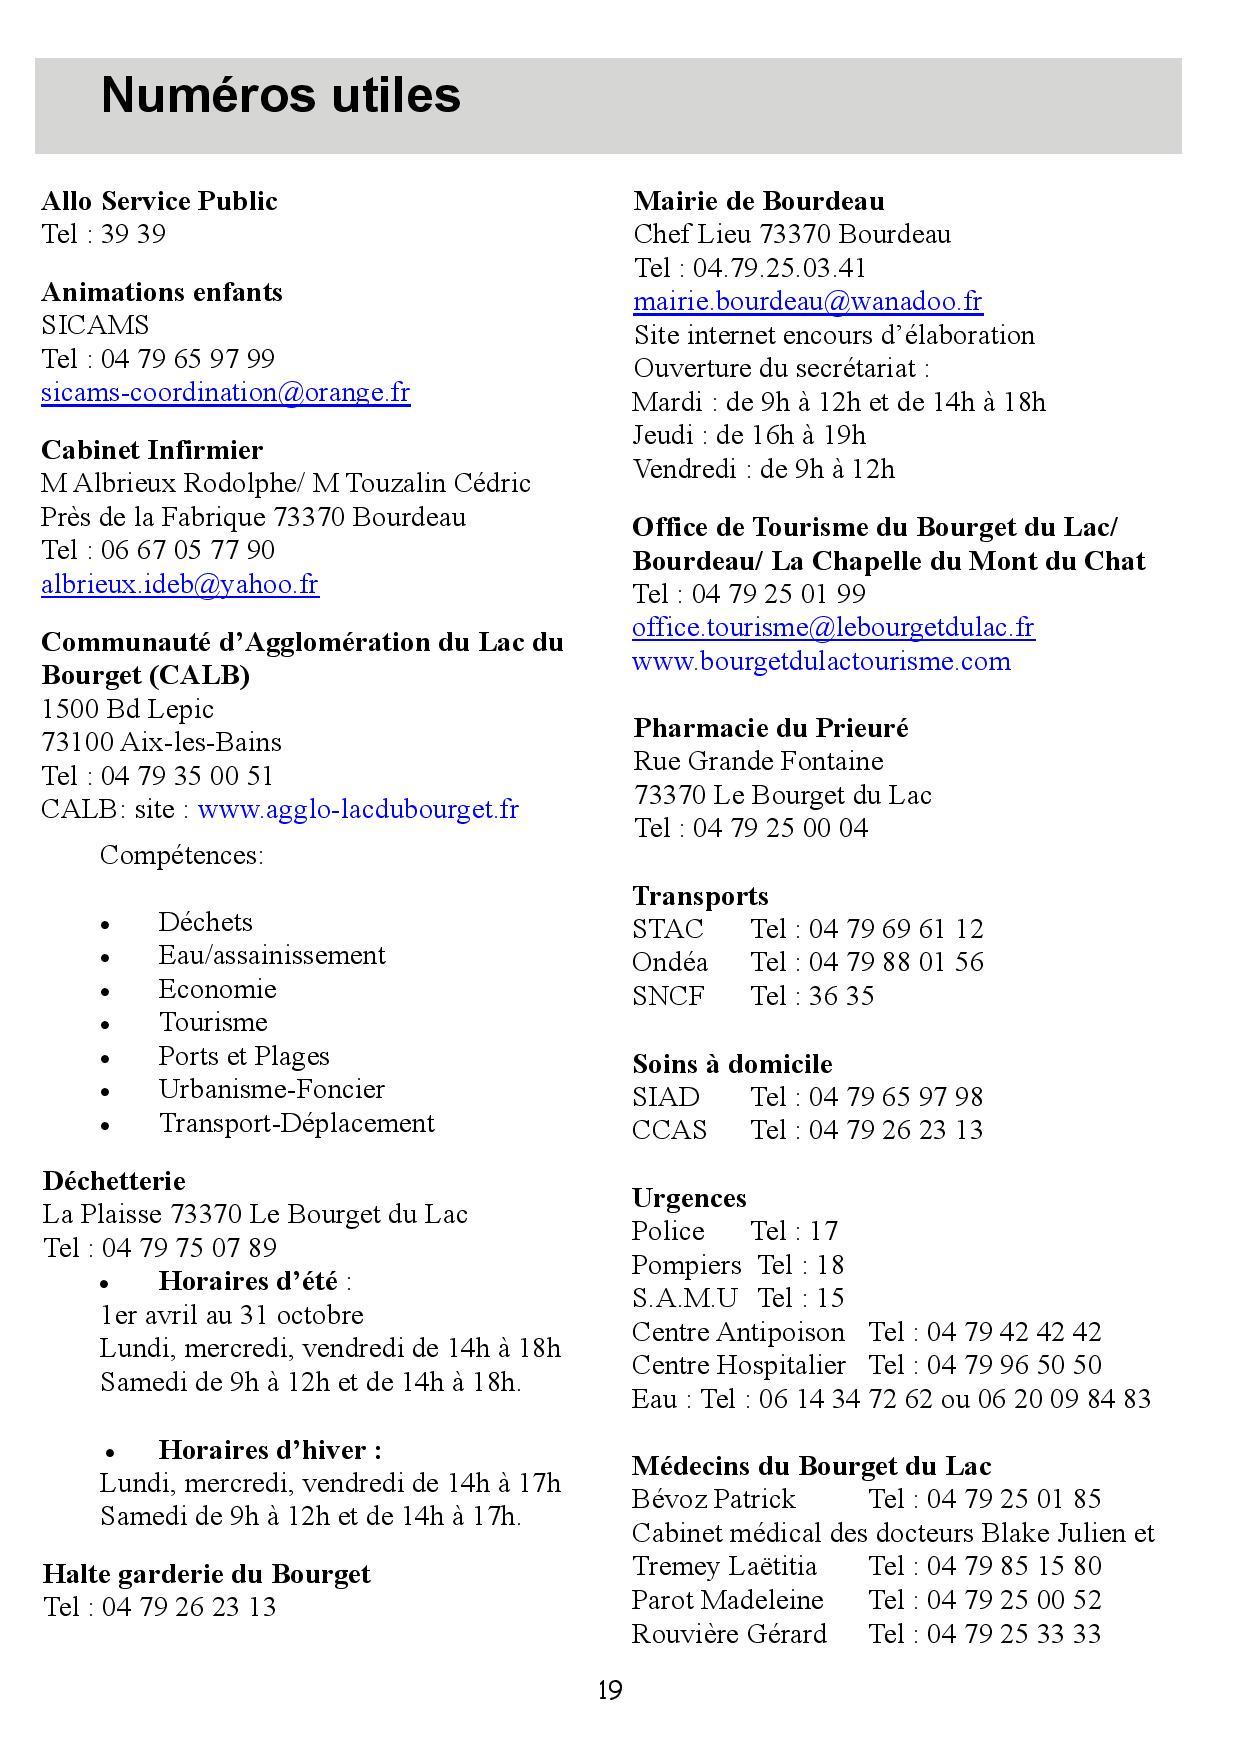 bulletin-novembre-2013-page-019